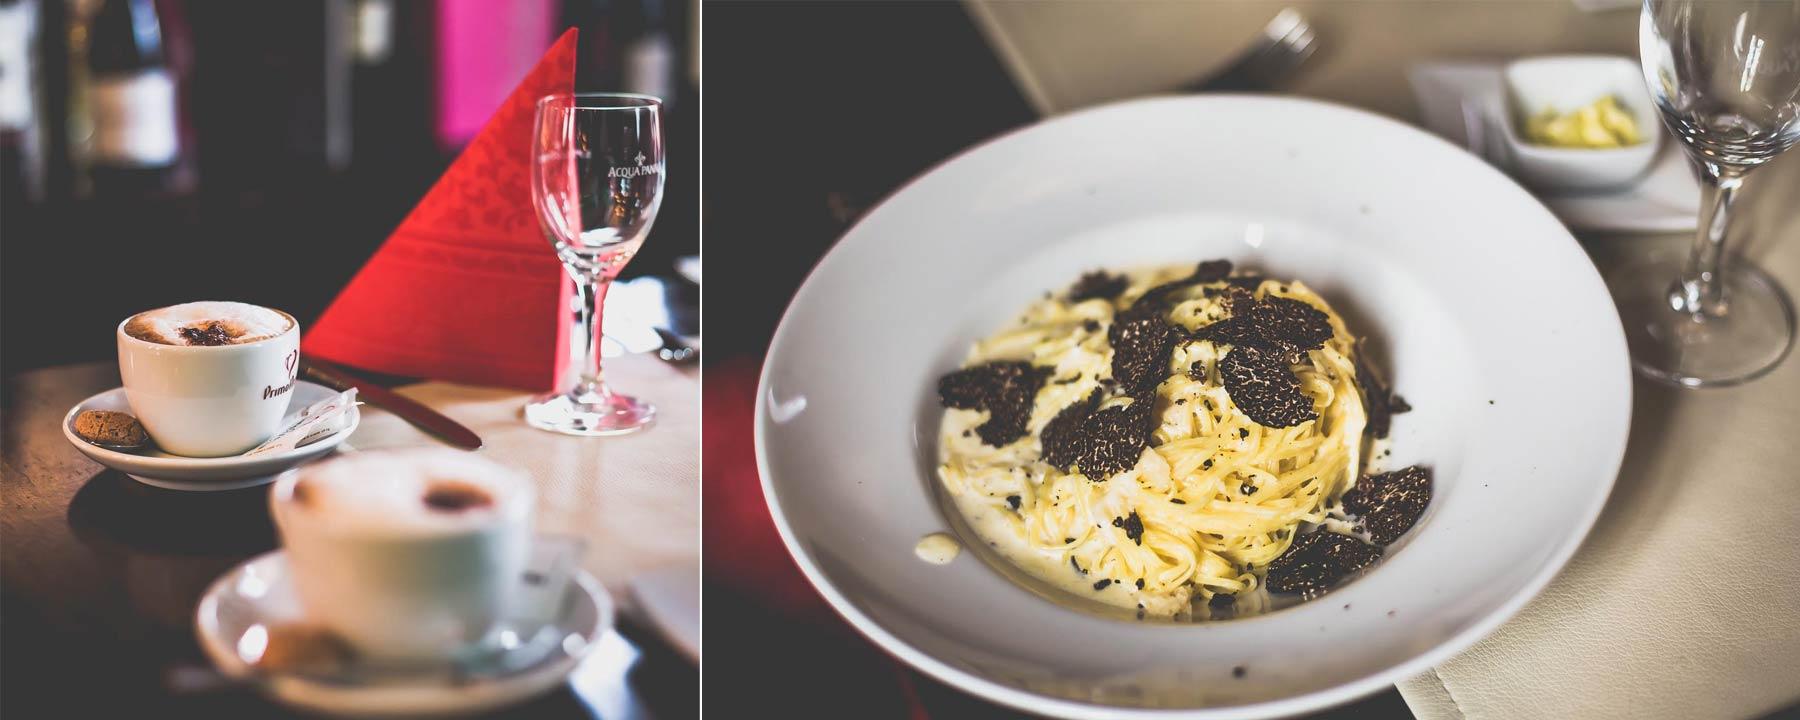 Speisen & Getränke auf einen Blick – Das italienische Restaurant in ...